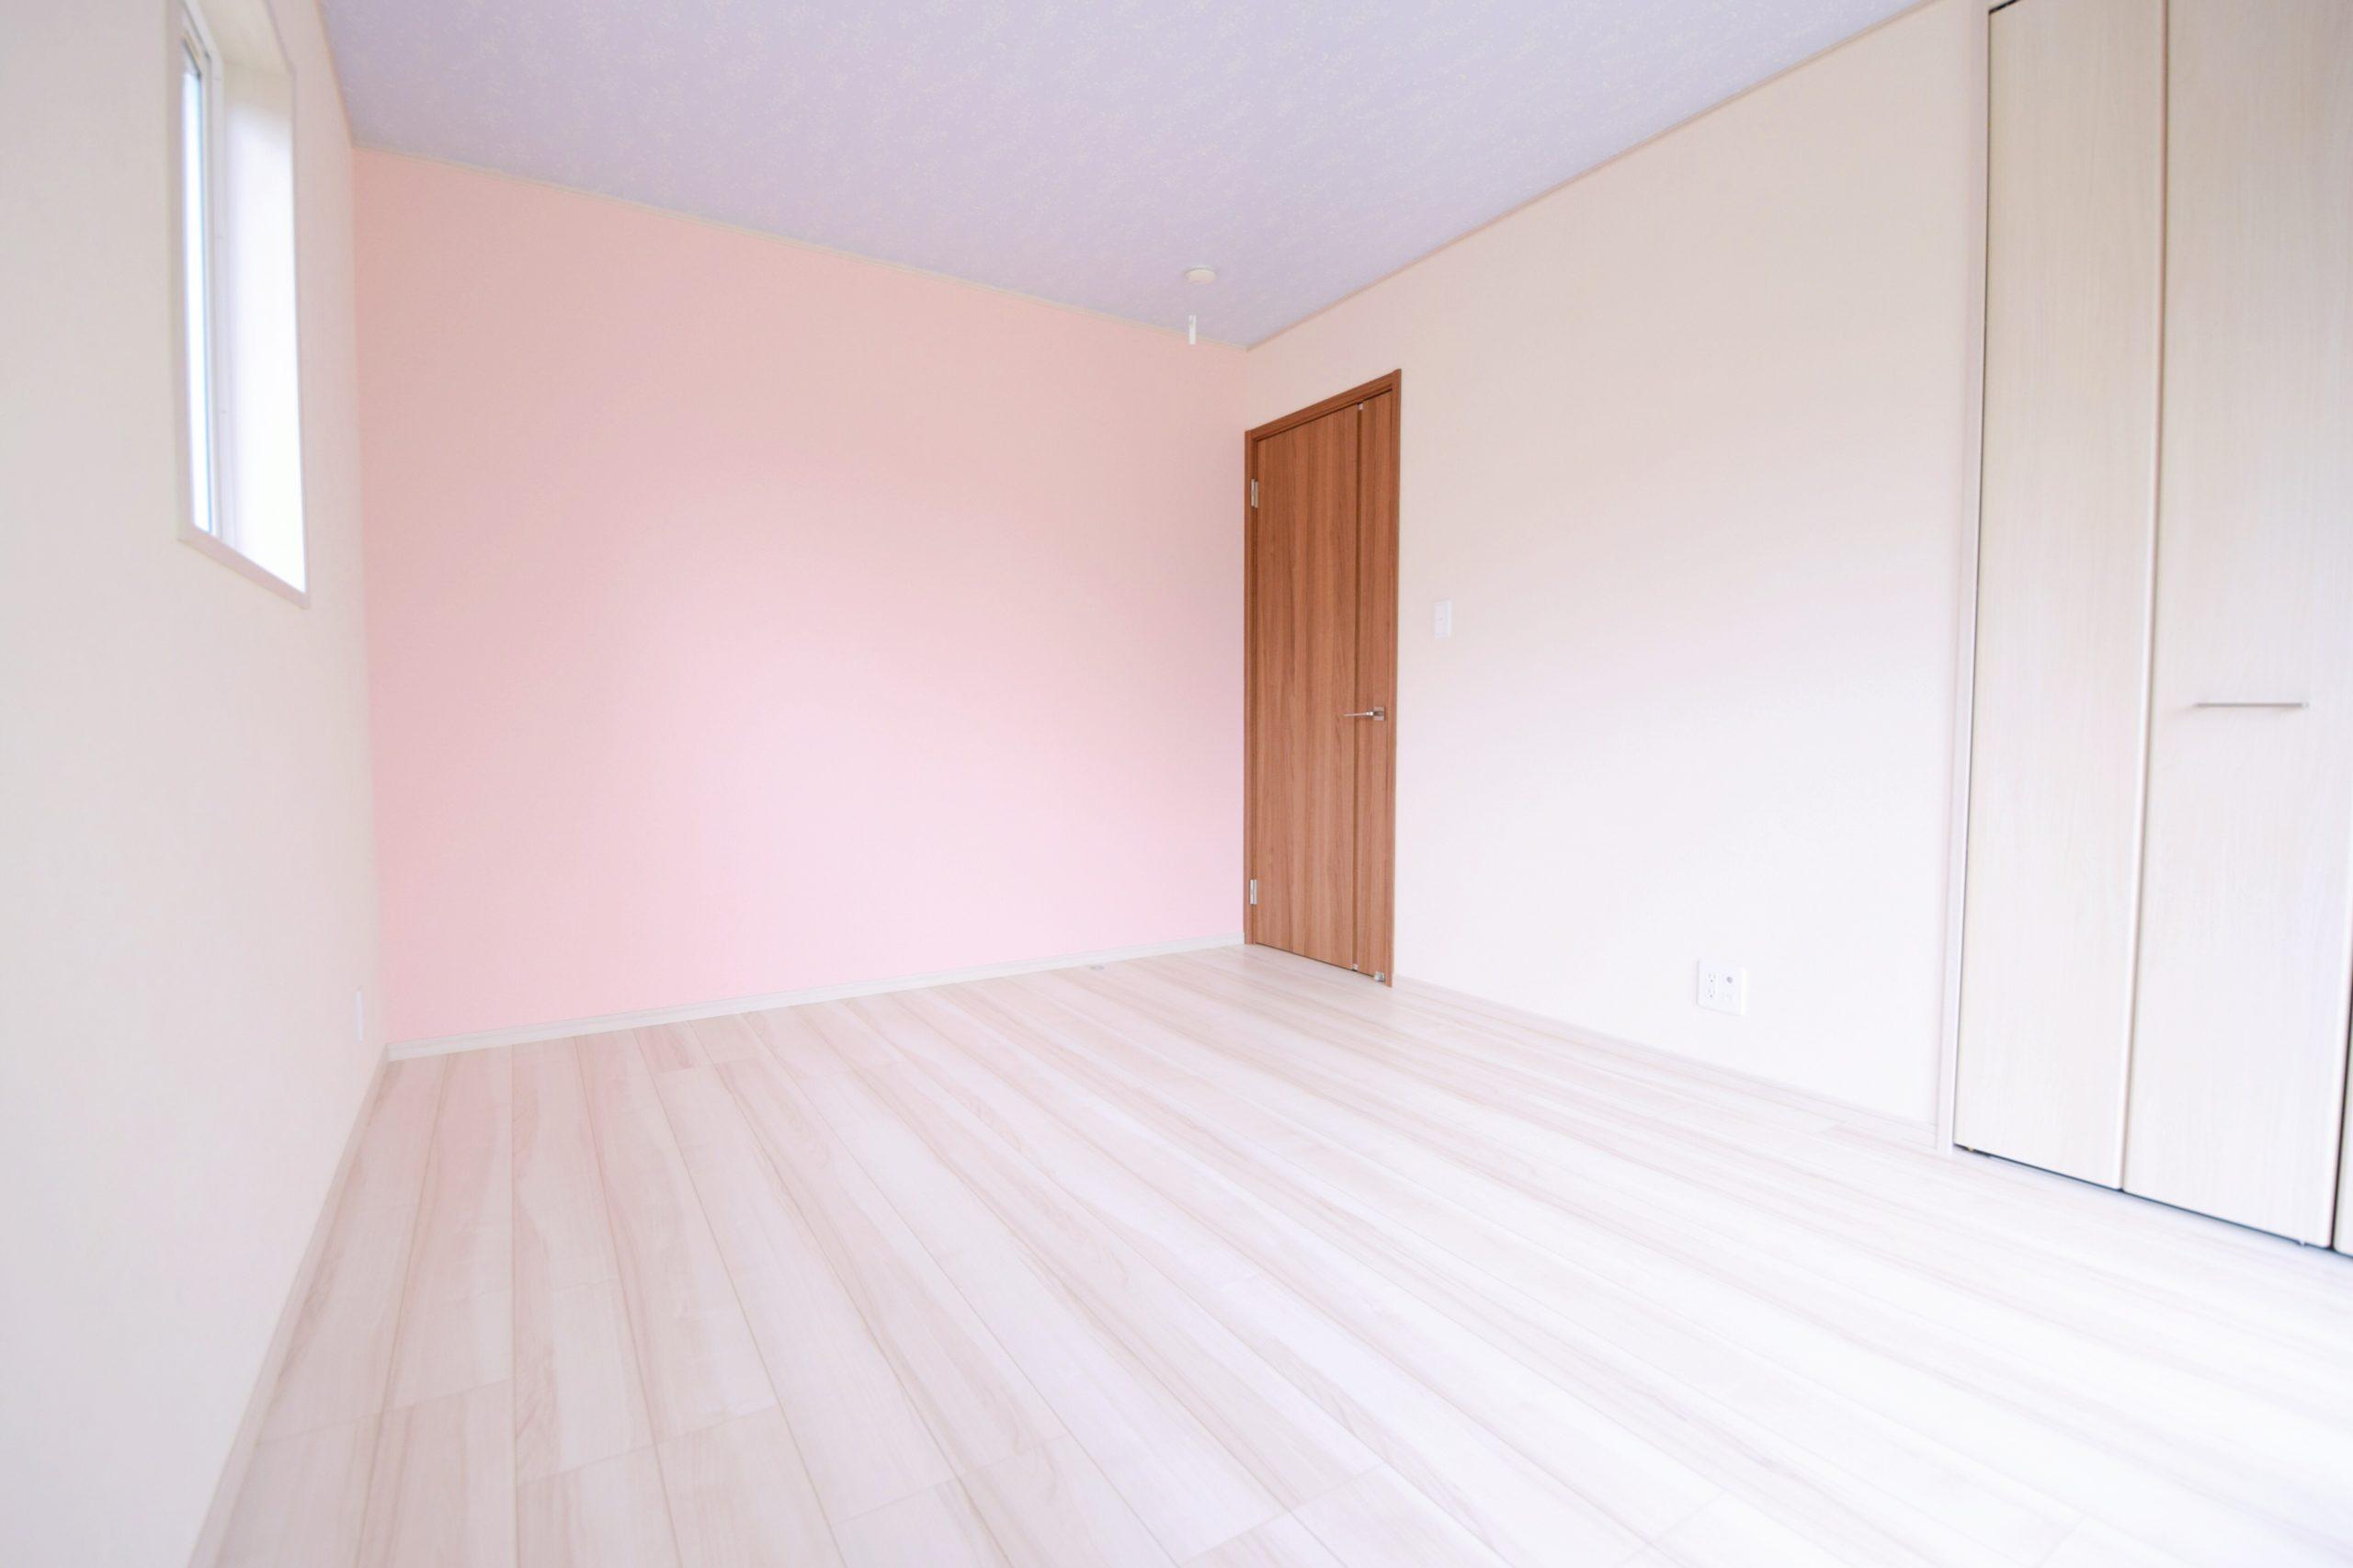 パステルカラーのアクセントクロス2色使いで、ファンシーなお部屋